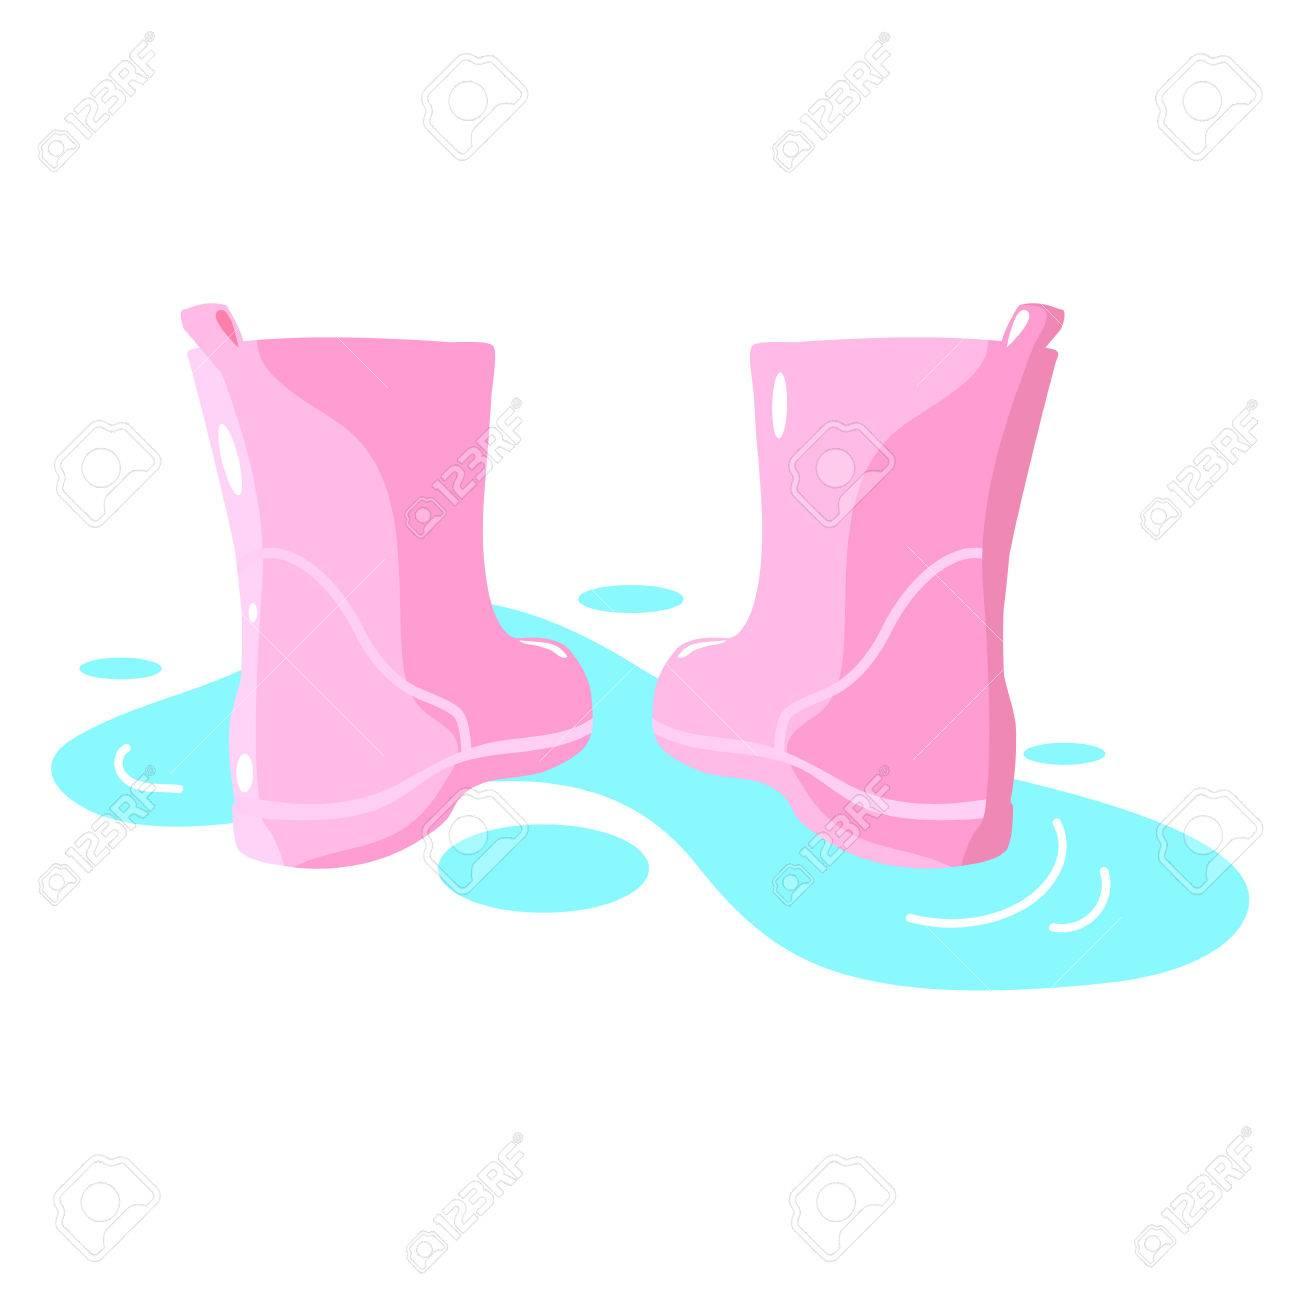 ピンクの水たまりイラストのイラスト素材ベクタ Image 60008641